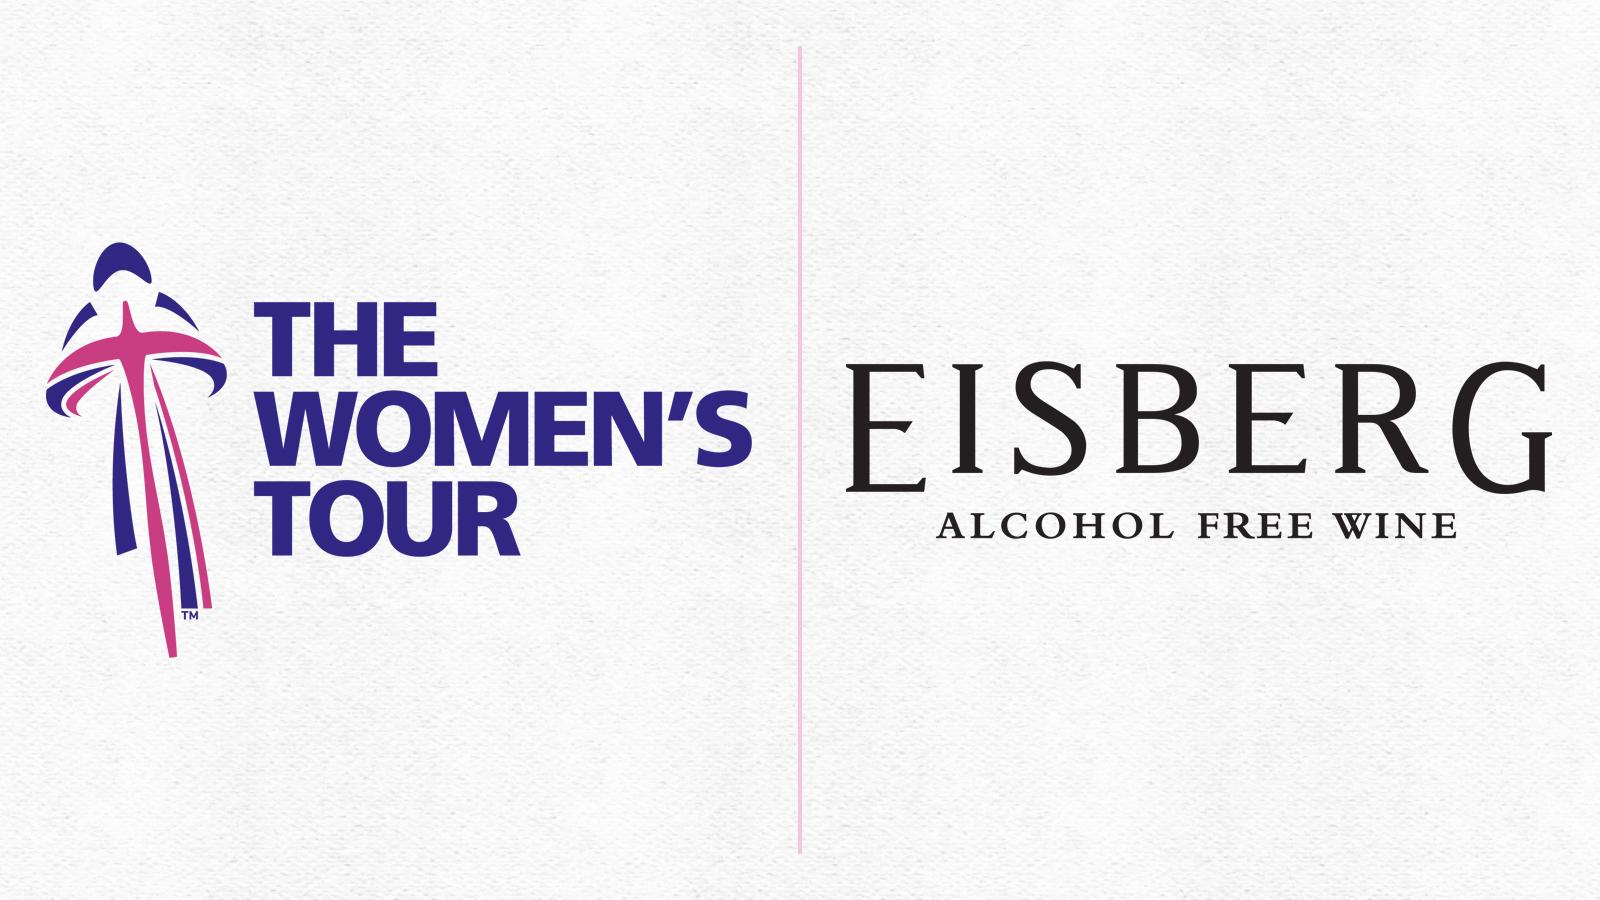 Women's Tour eisberg